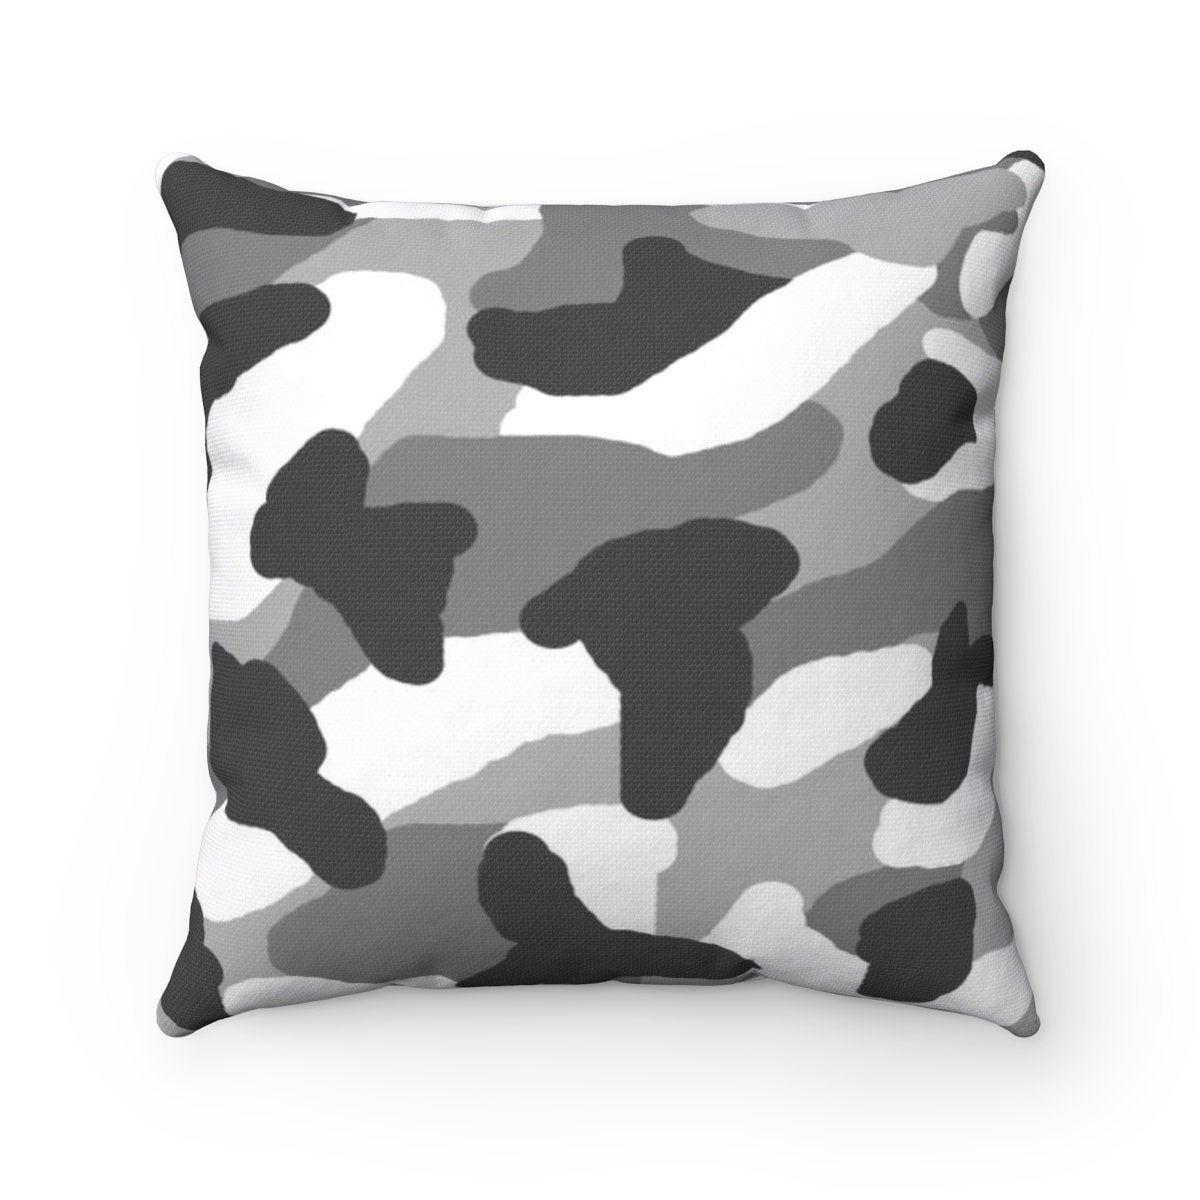 Gray Camo Pillow Square Grey Camouflage Rustic Farmhouse Sofa Etsy Camo Bedding Farmhouse Sofa Pillows